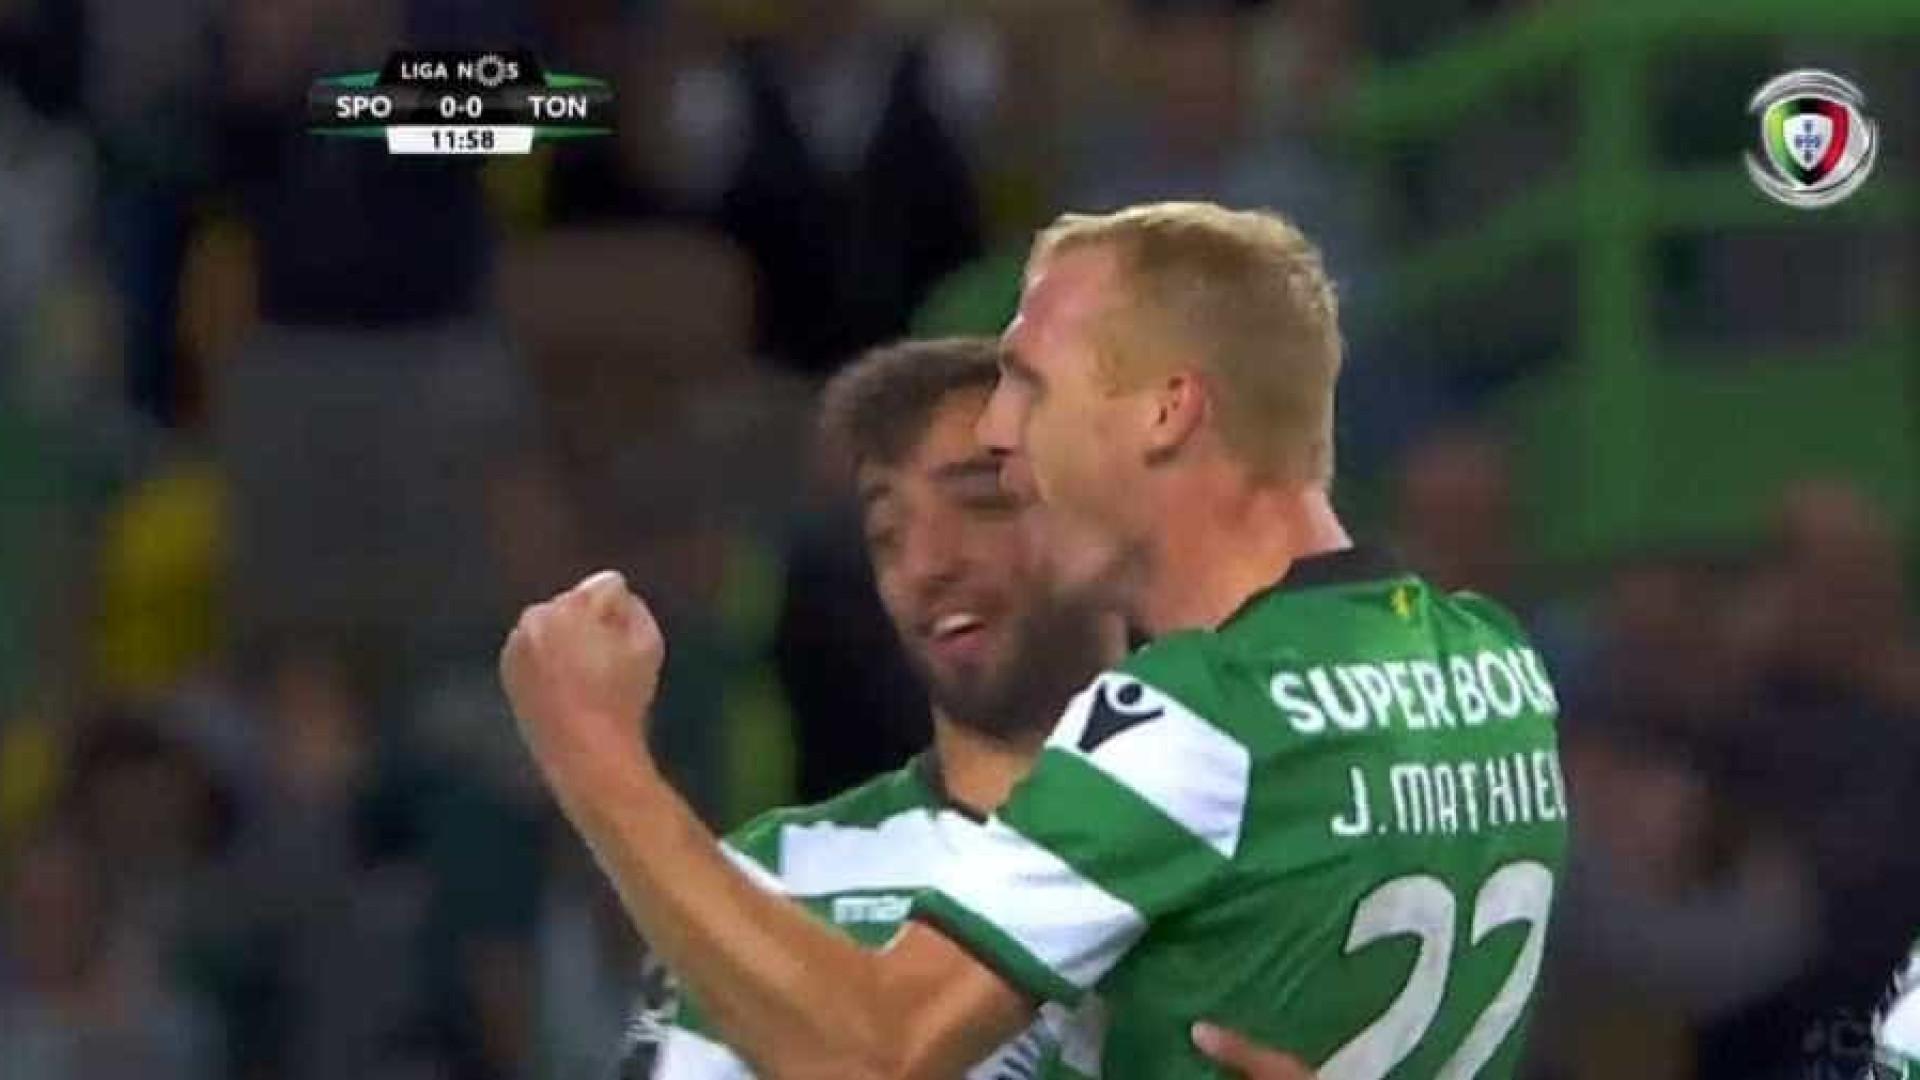 Mathieu abriu marcador do Sporting-Tondela com livre exímio